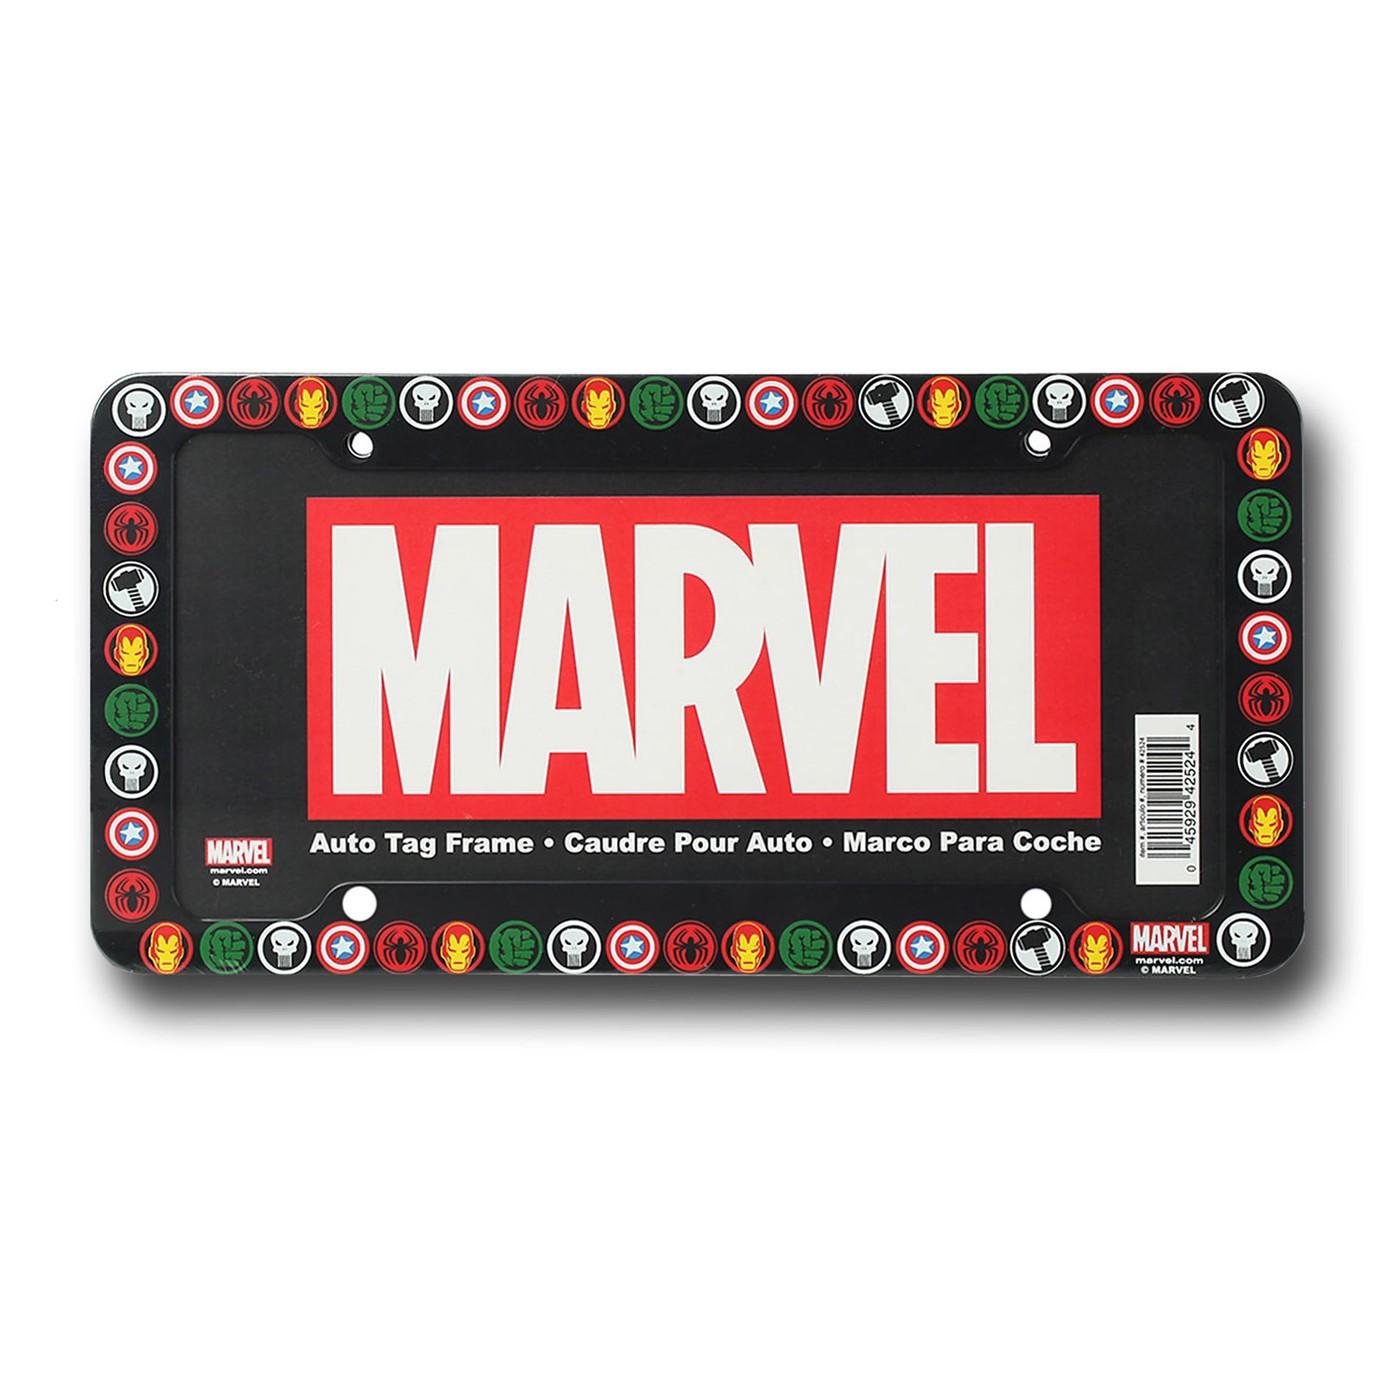 Marvel License Plate Frame